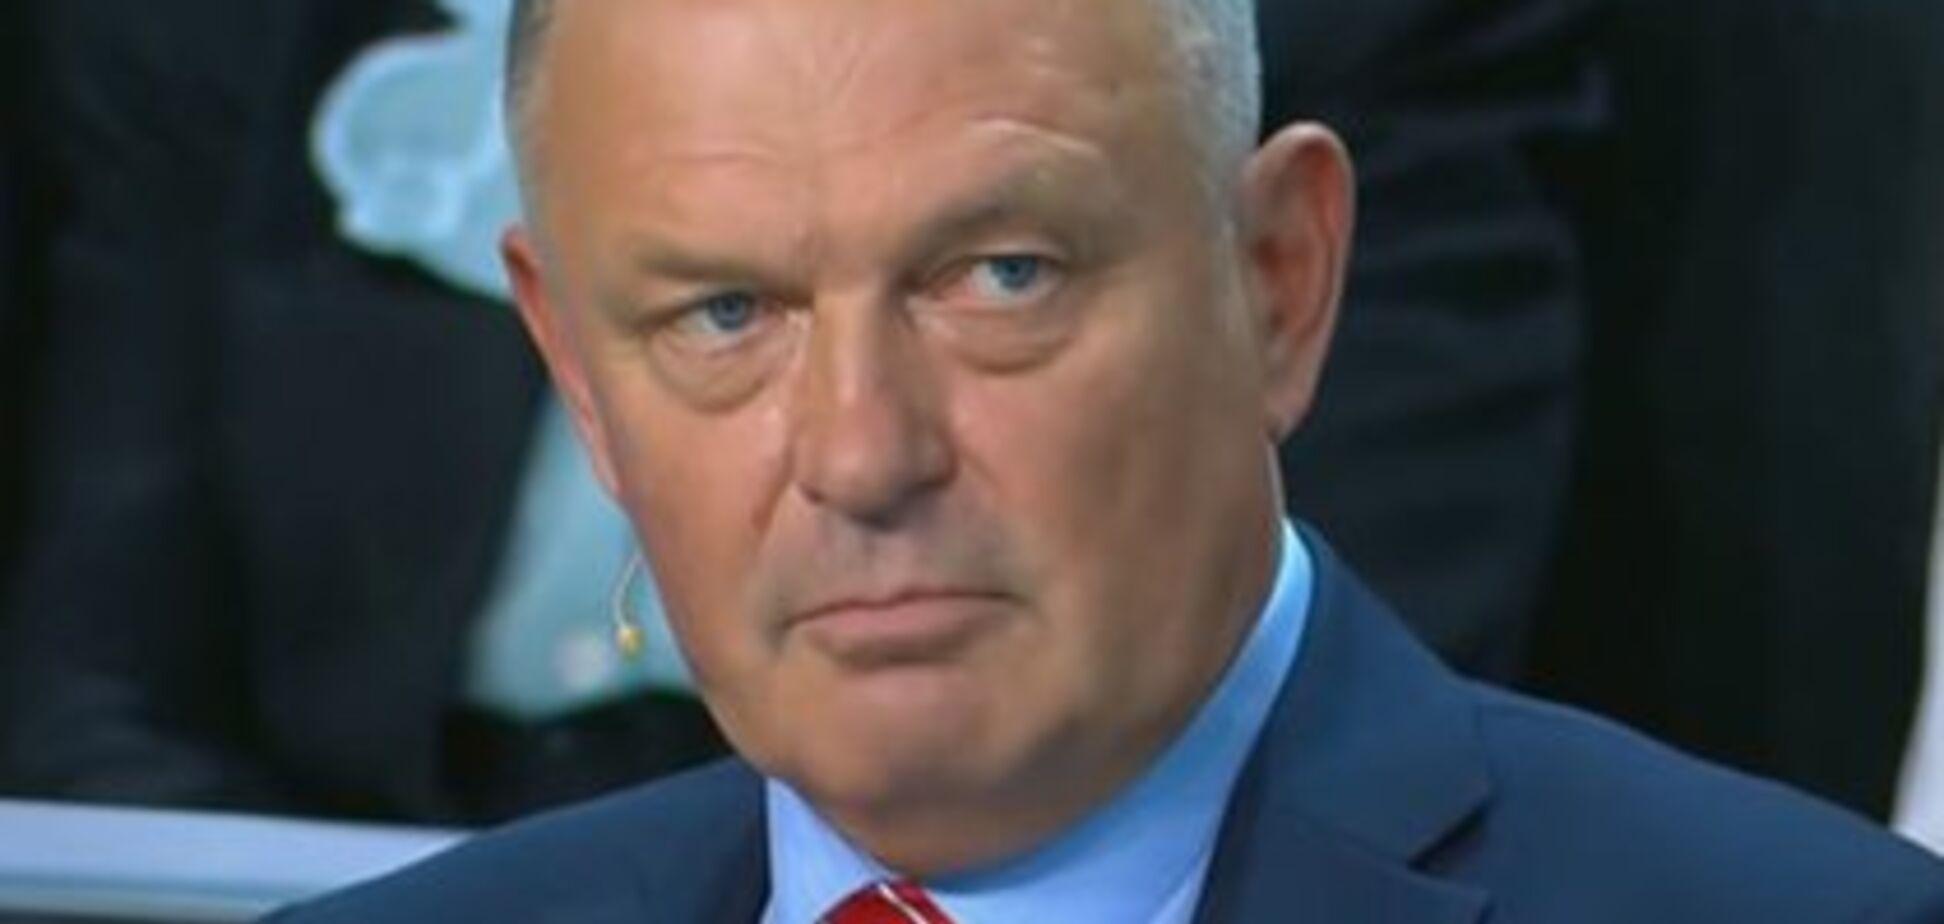 Пропагандист Норкін обматюкав українця в ефірі: йому гідно відповіли